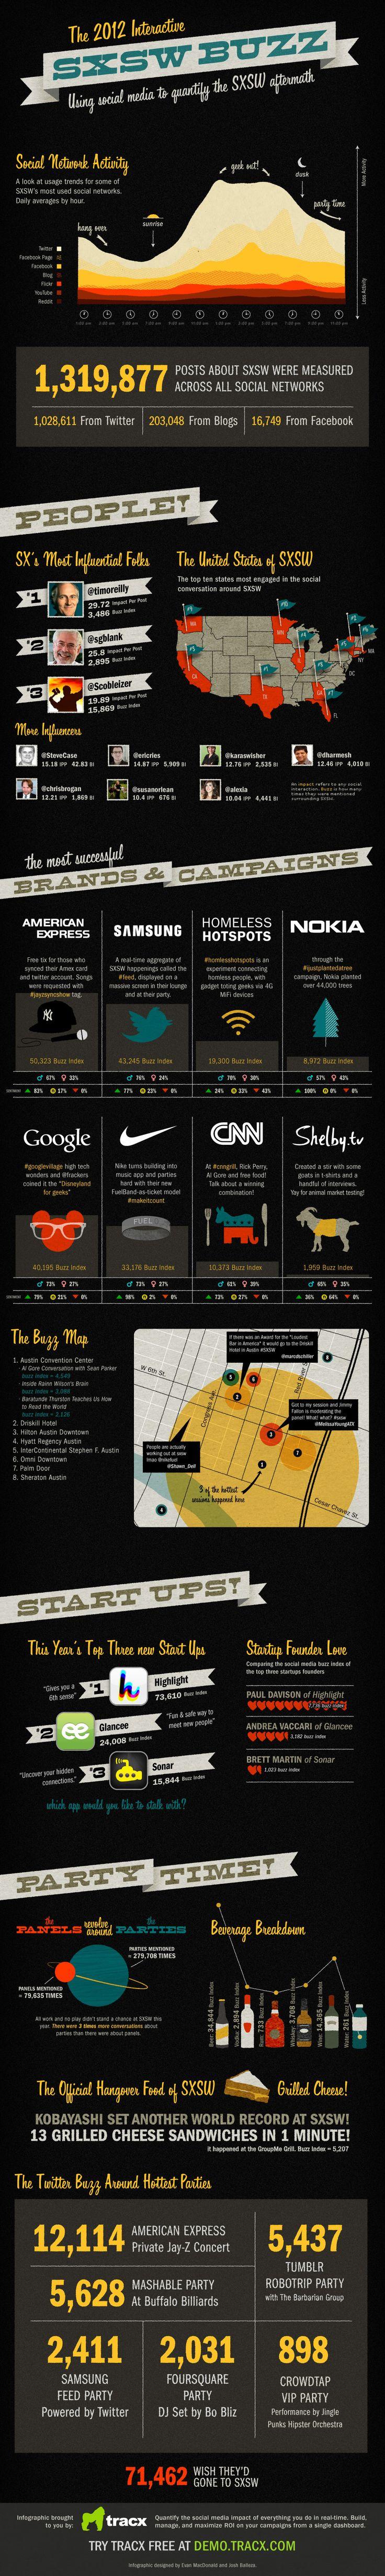 Overzicht van het jaarlijkse SXSW-festival (Austin, Texas) in een leuke infographic!